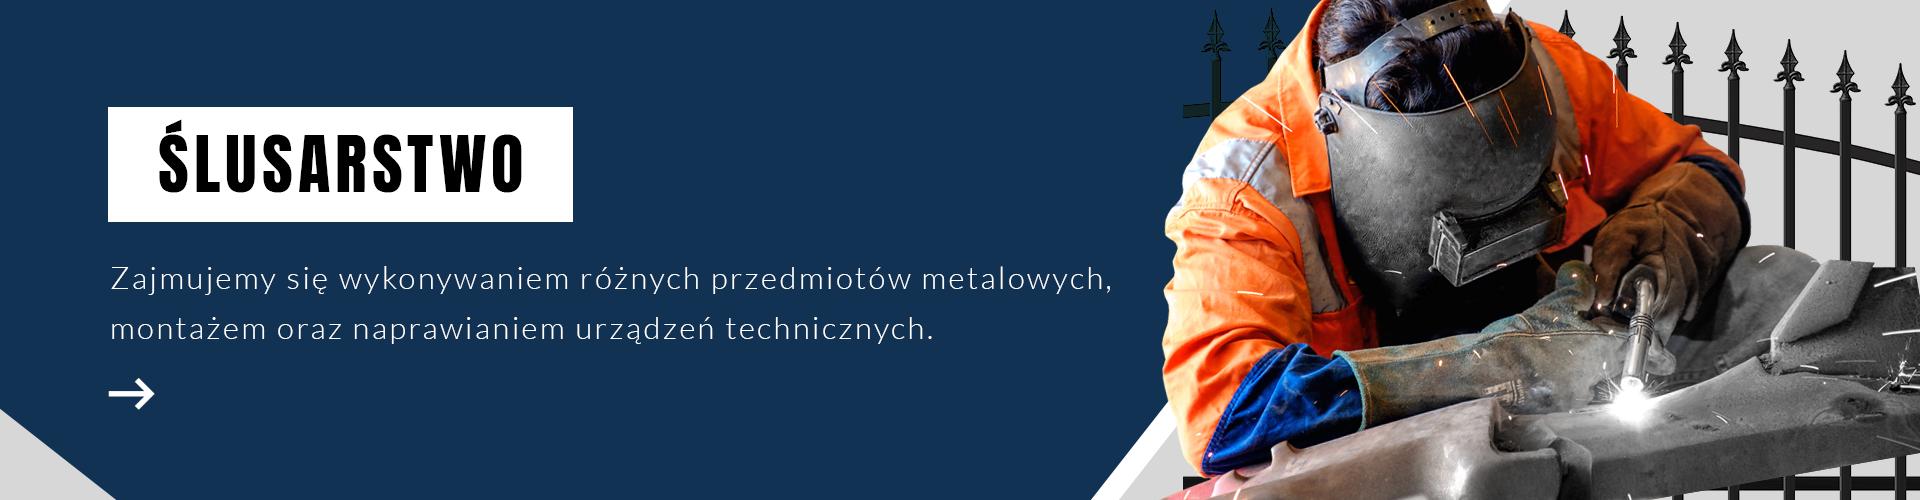 prof-met-slusarstwo-slider2